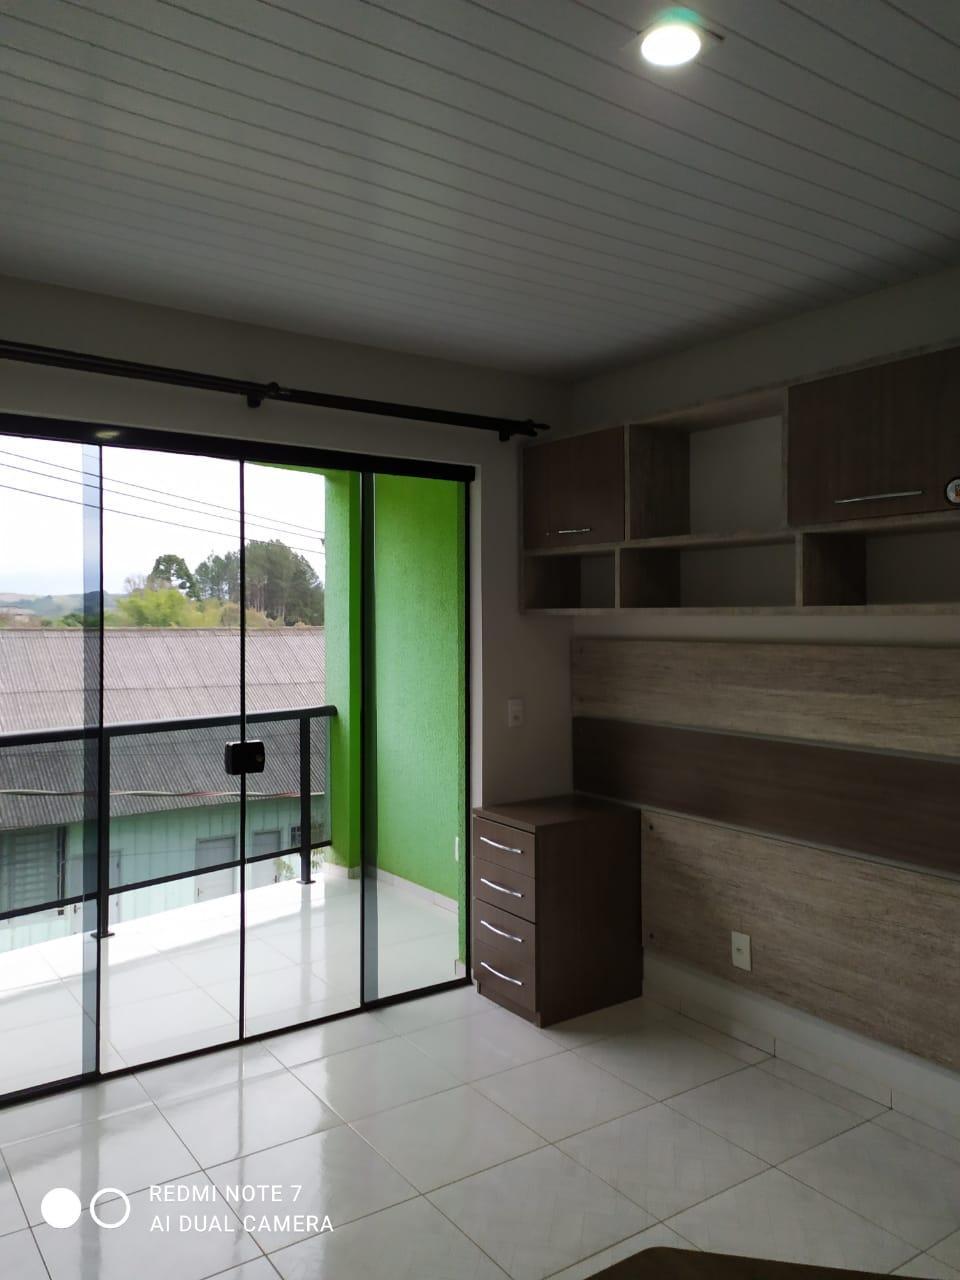 Apartamento com mobílias para alugar próximo de supermercado.